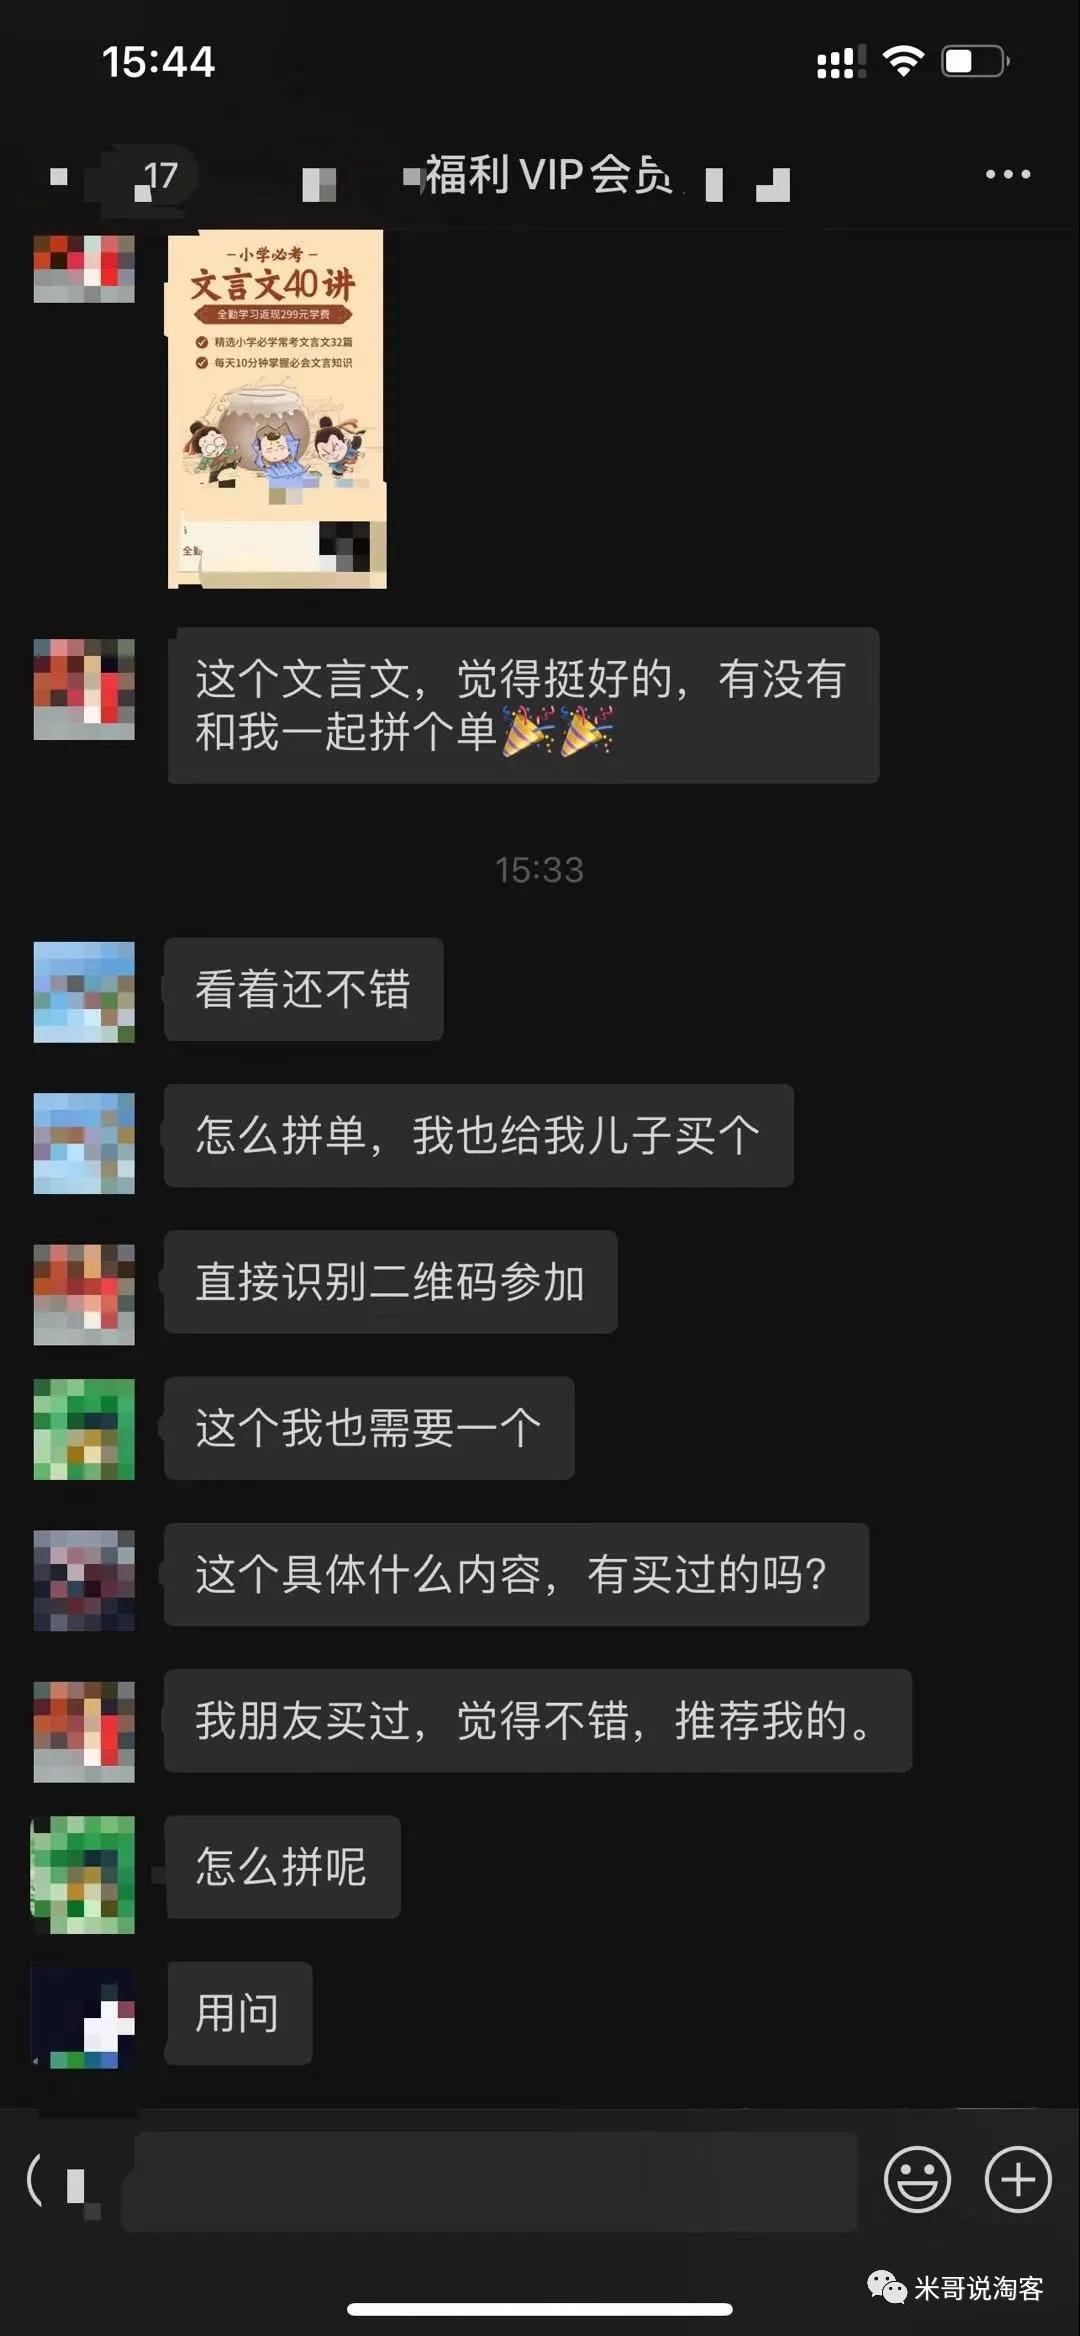 月佣金200万+淘客,万字长文详解淘礼金最新玩法!